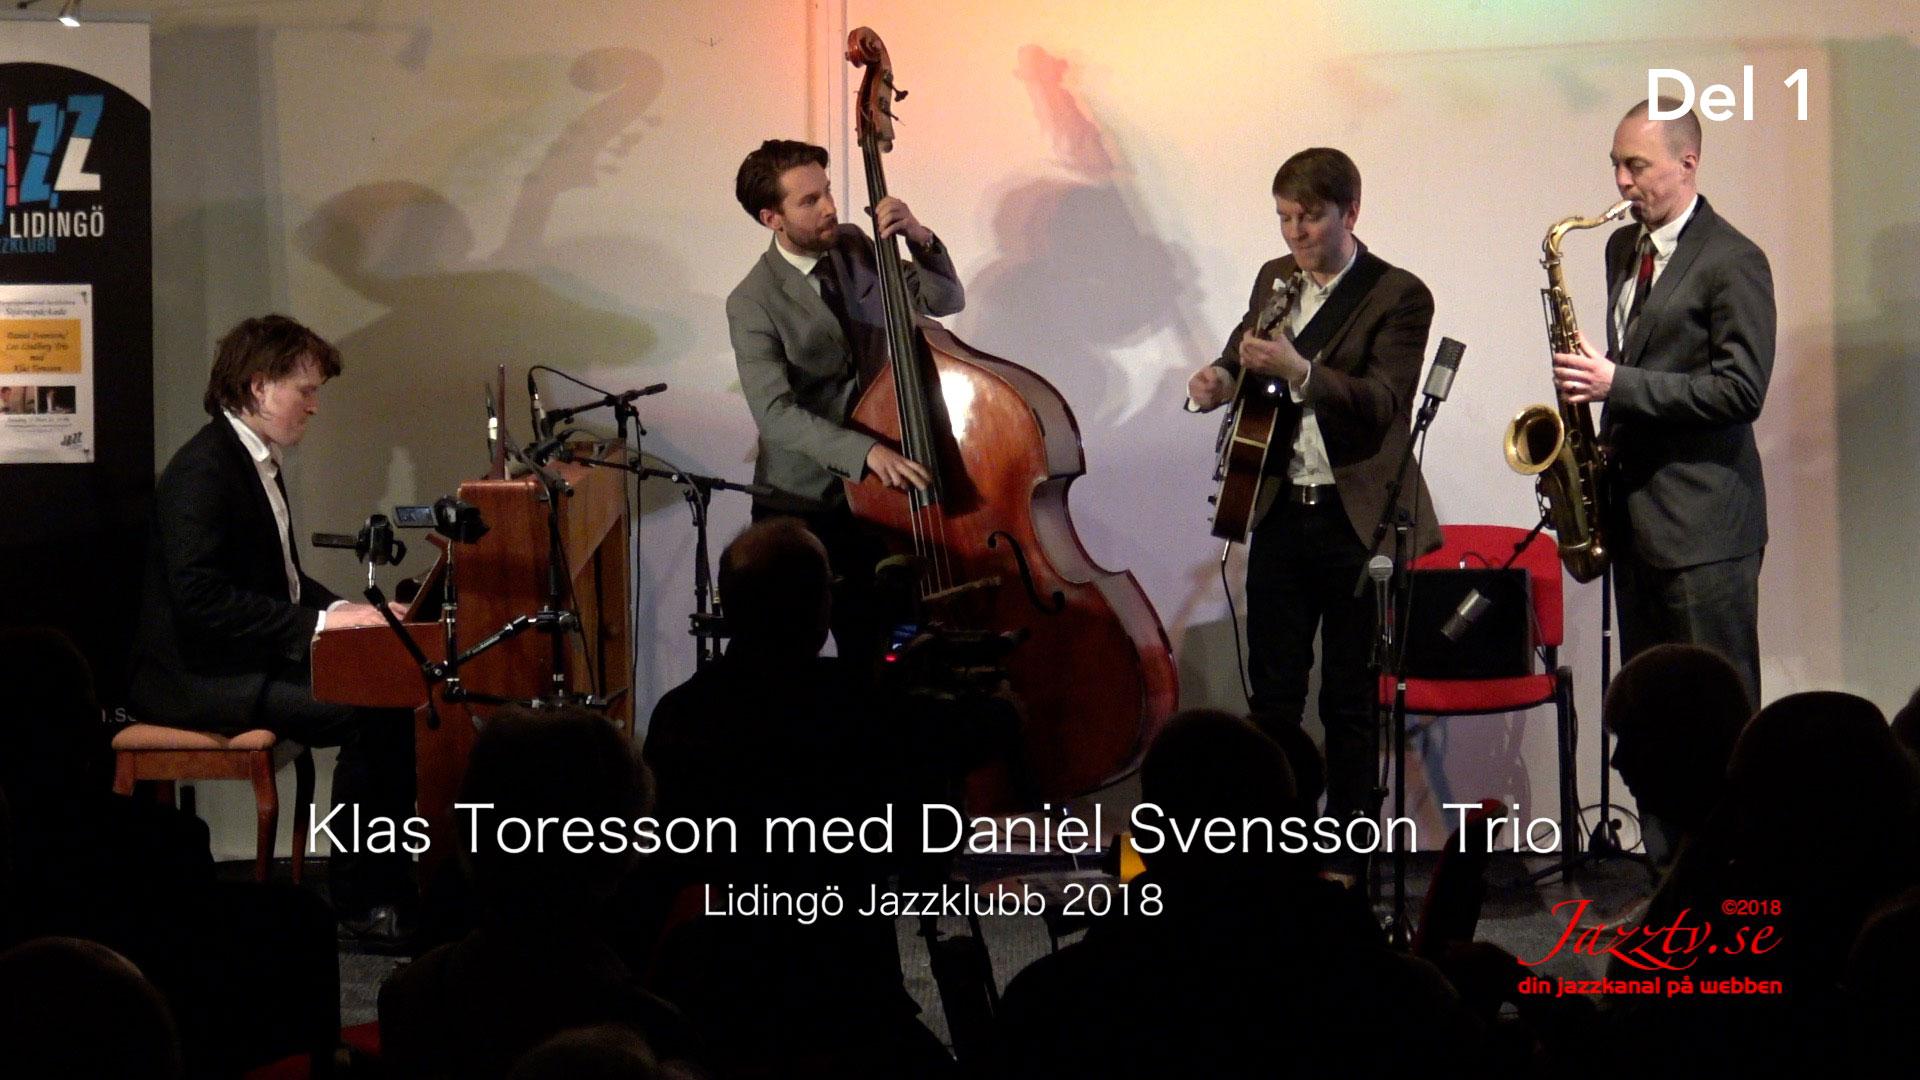 Klas Toresson med Daniel Svensson trio